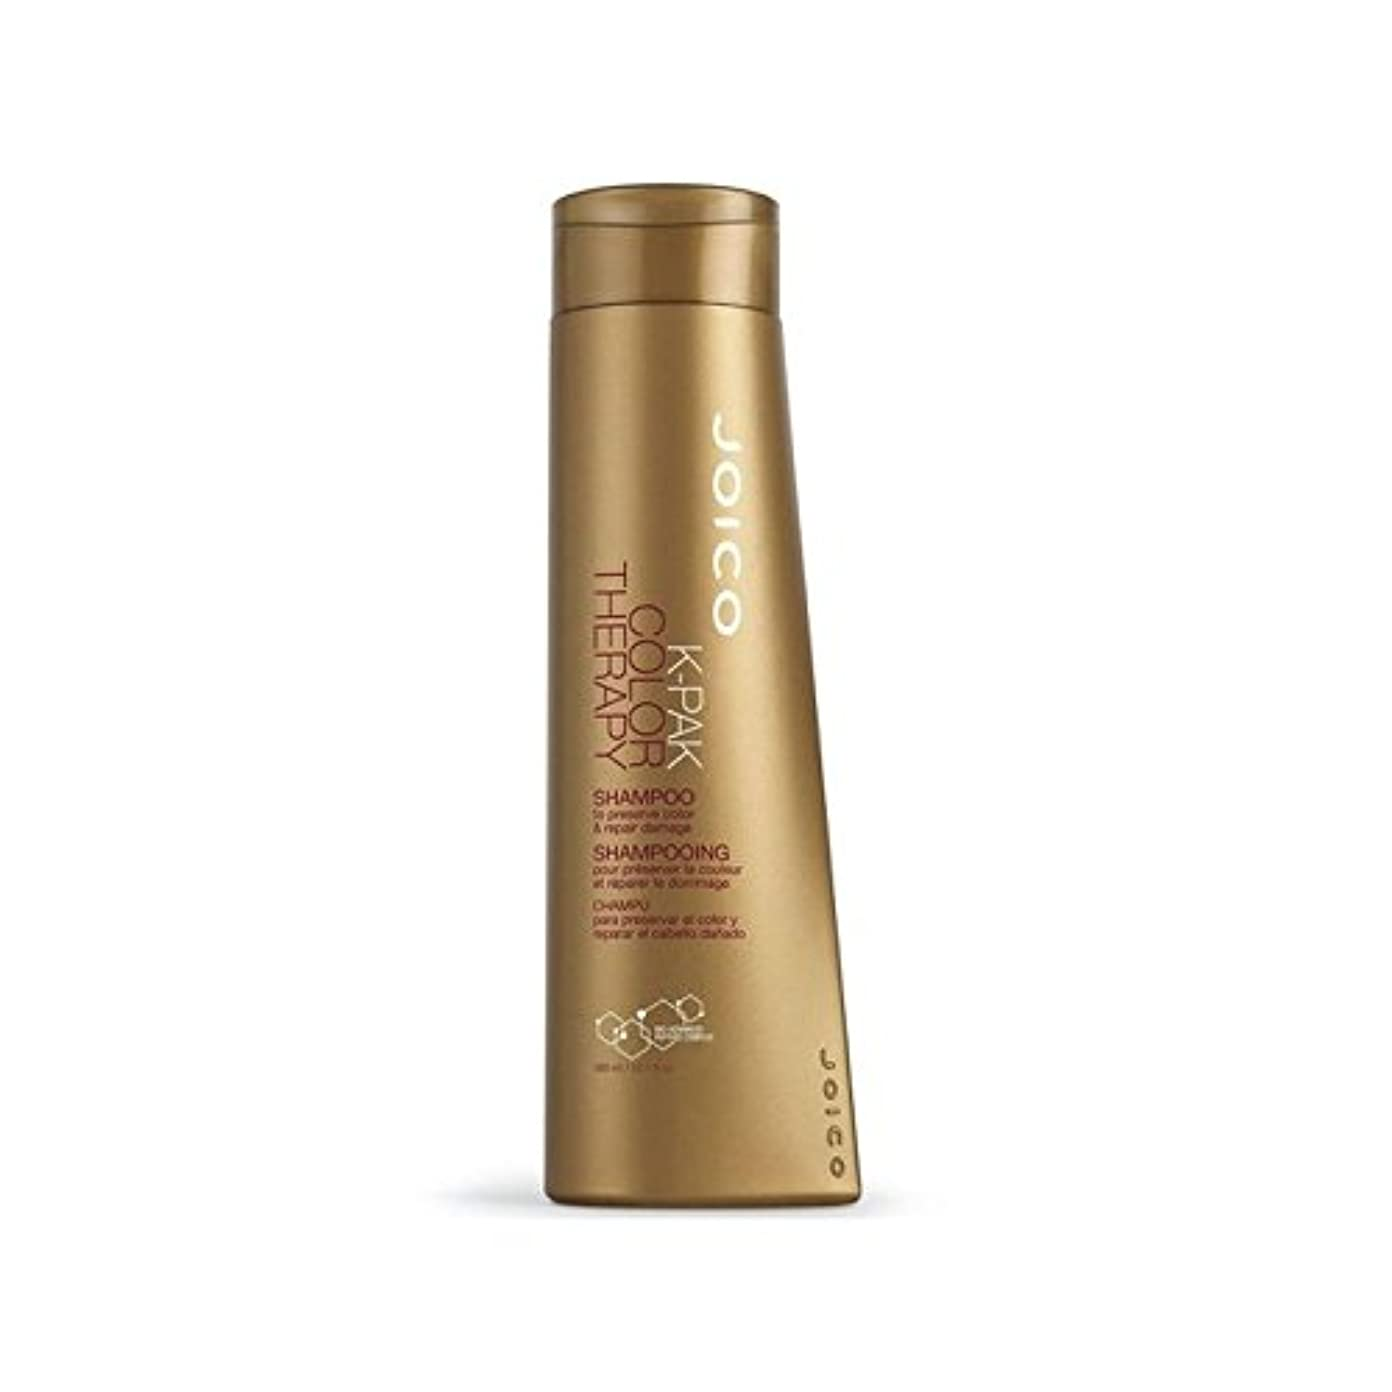 抑圧者悪質なアークJoico K-Pak Color Therapy Shampoo 300ml - ジョイコ-カラーセラピーシャンプー300ミリリットル [並行輸入品]